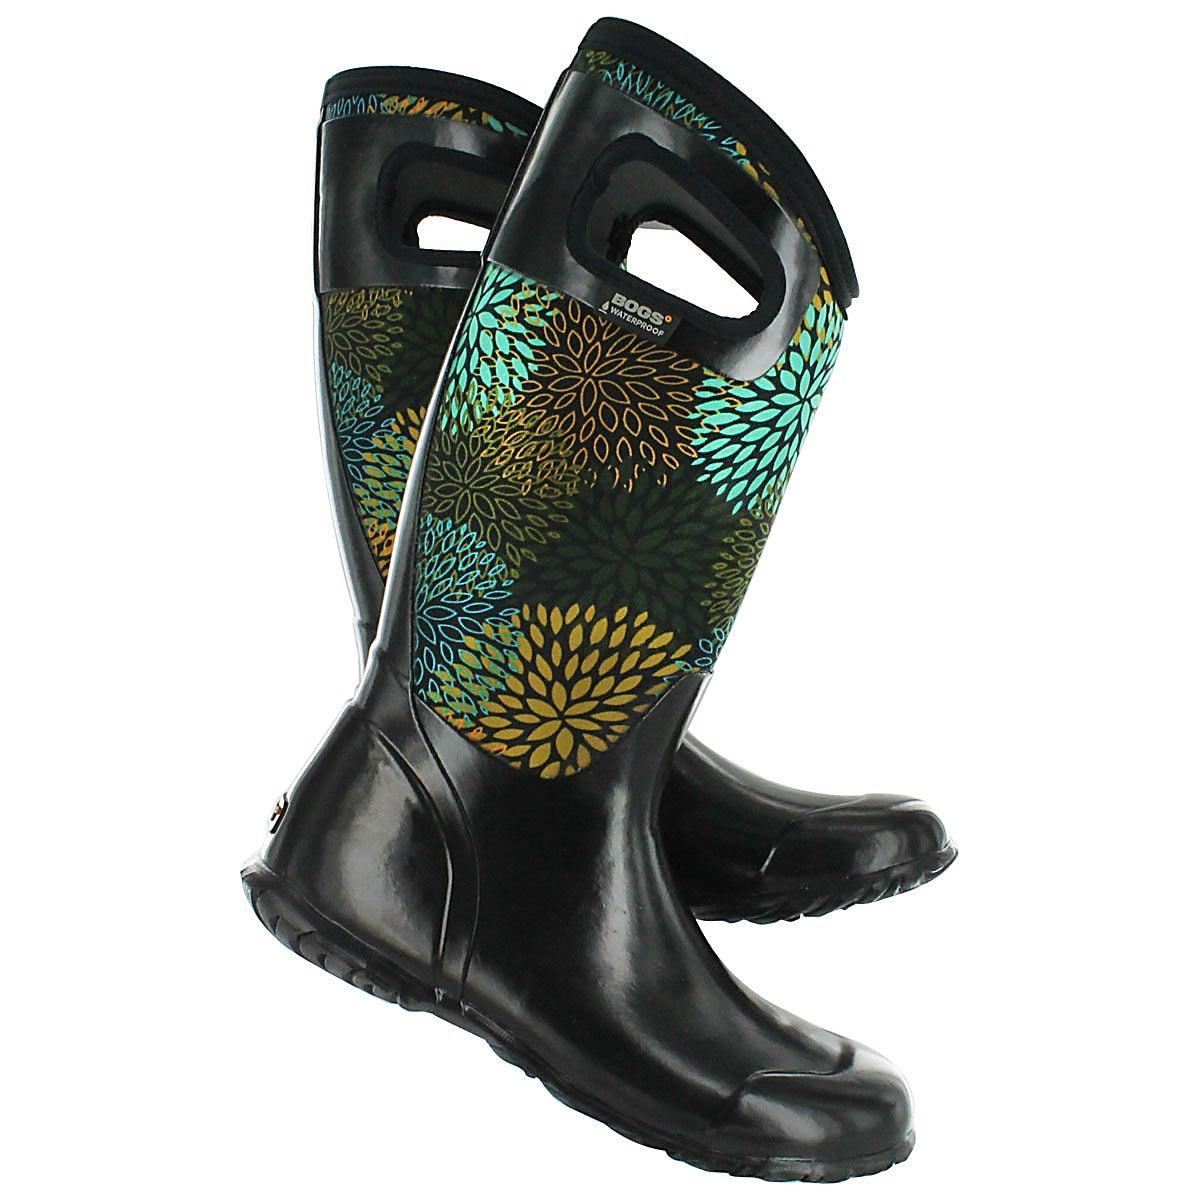 Lds North Hampton Floral blk wtrprf boot